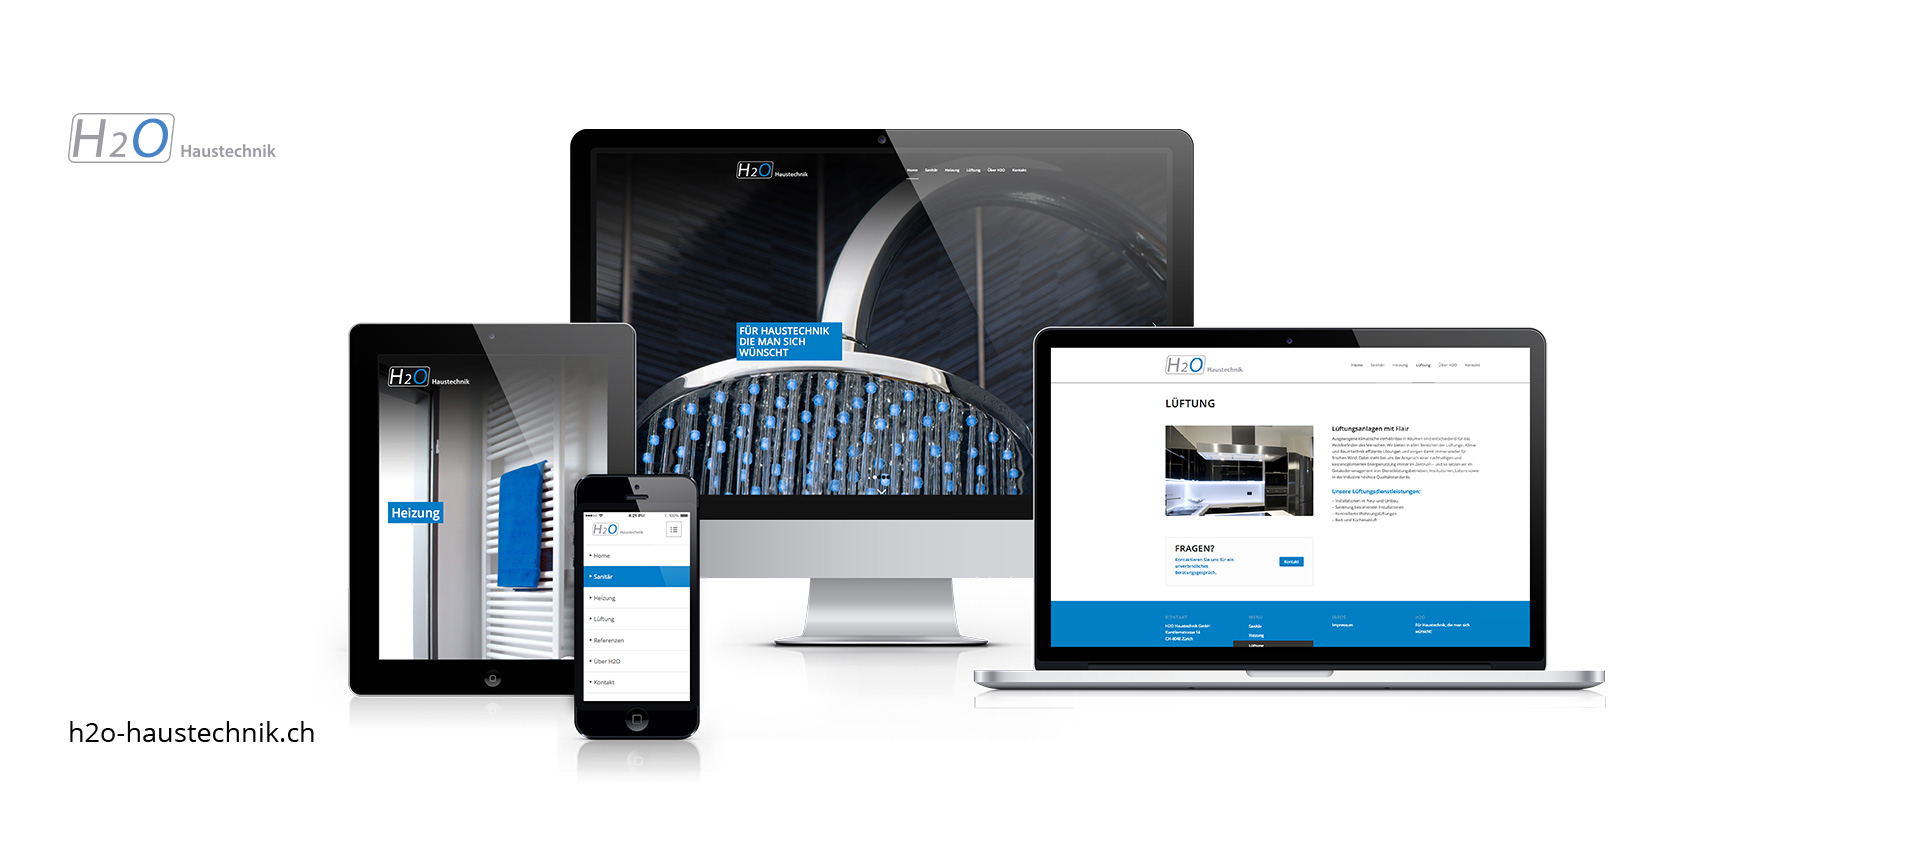 h2o_responsive_website